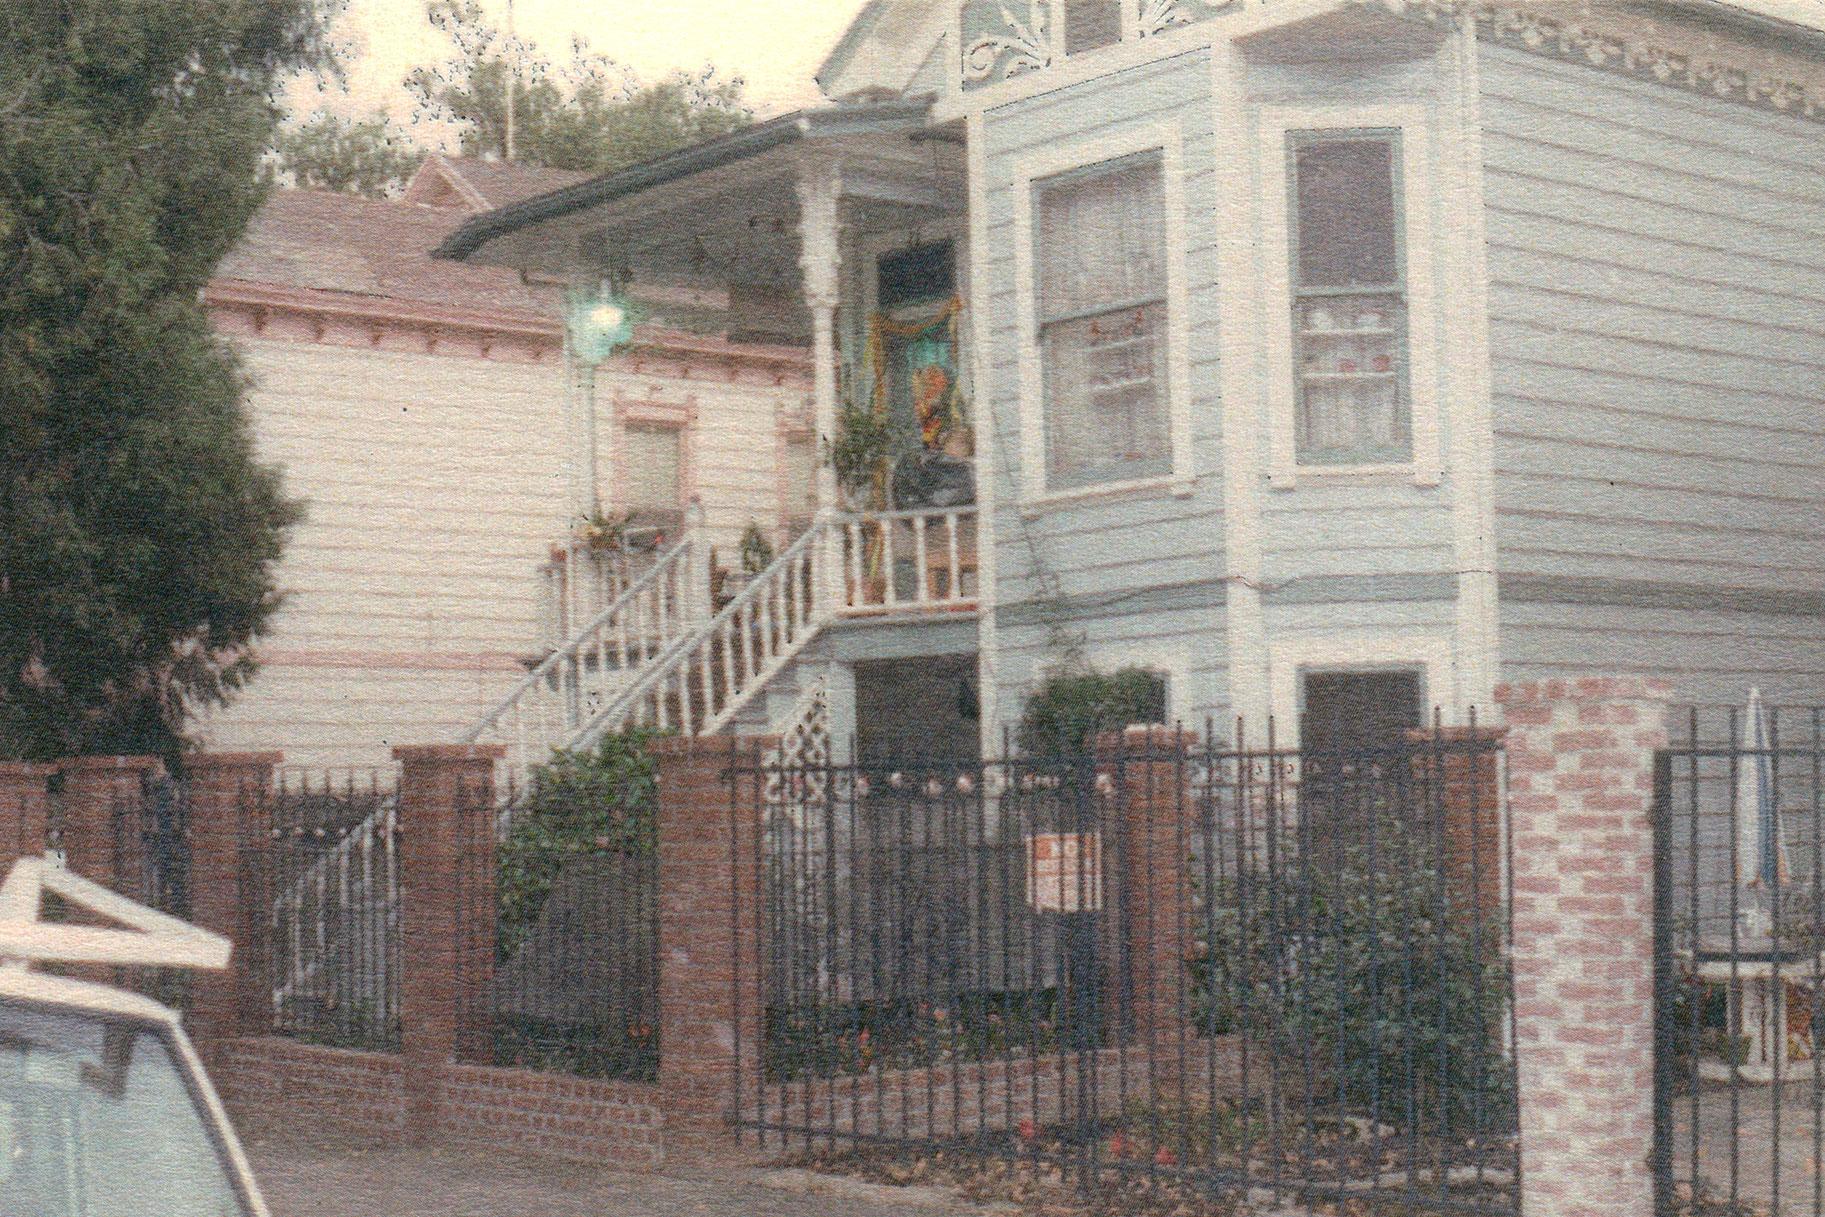 'La casa es inocente': dentro de la propiedad donde Dorothea Puente mató y enterró a 7 personas